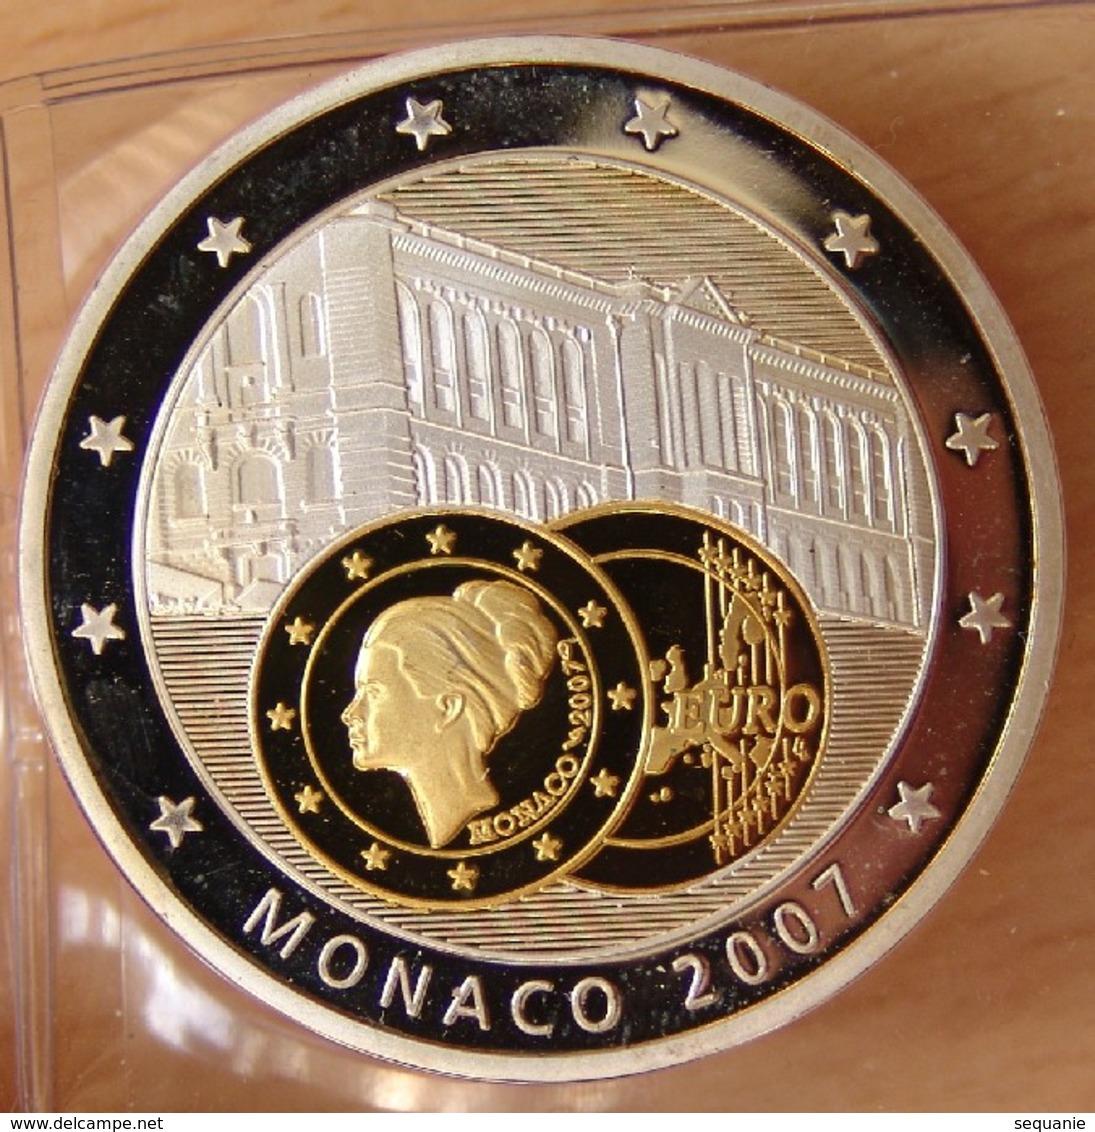 Médaille - MONACO 2007 Grace Kelly Europa 2007 - Professionnels / De Société